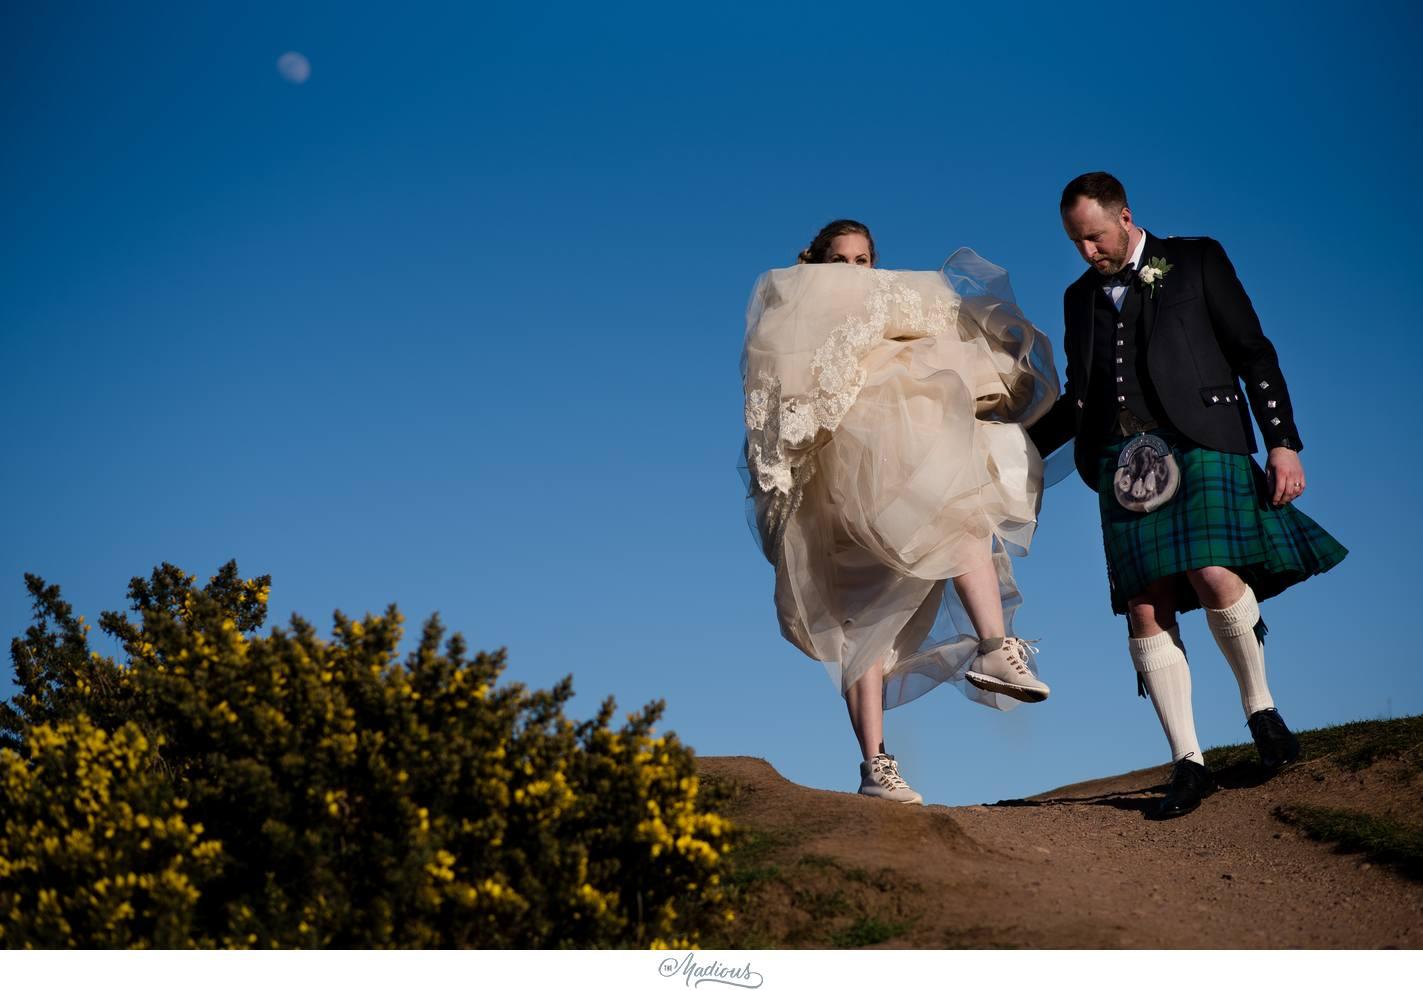 Balbegno_Dunnotar_Castle_Scottland_Wedding_50.jpg